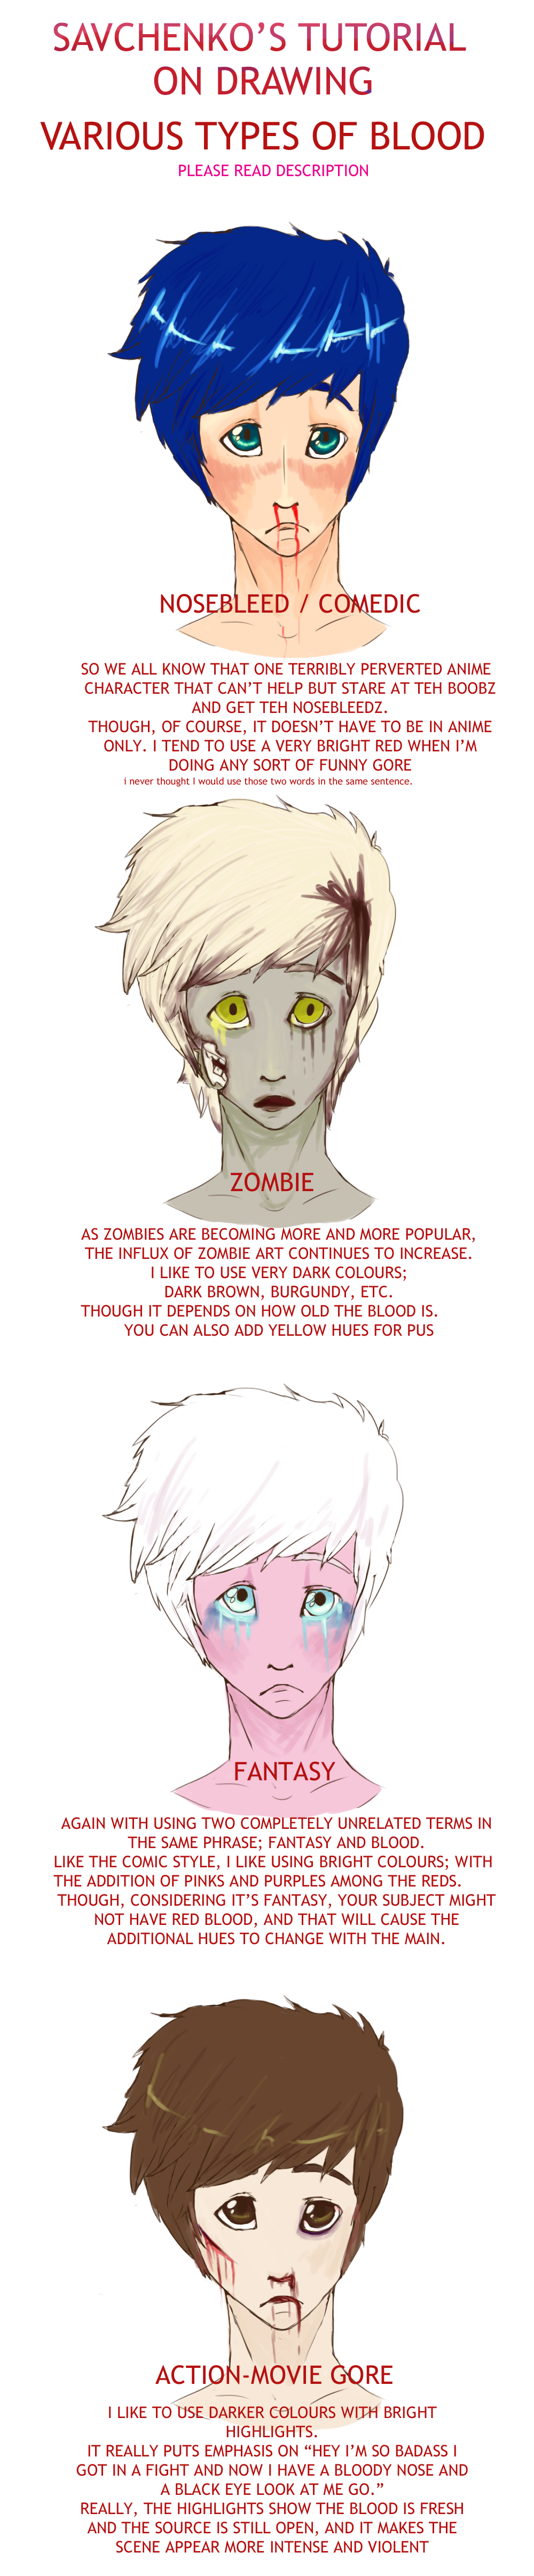 Blood Tutorial By Savchenk0